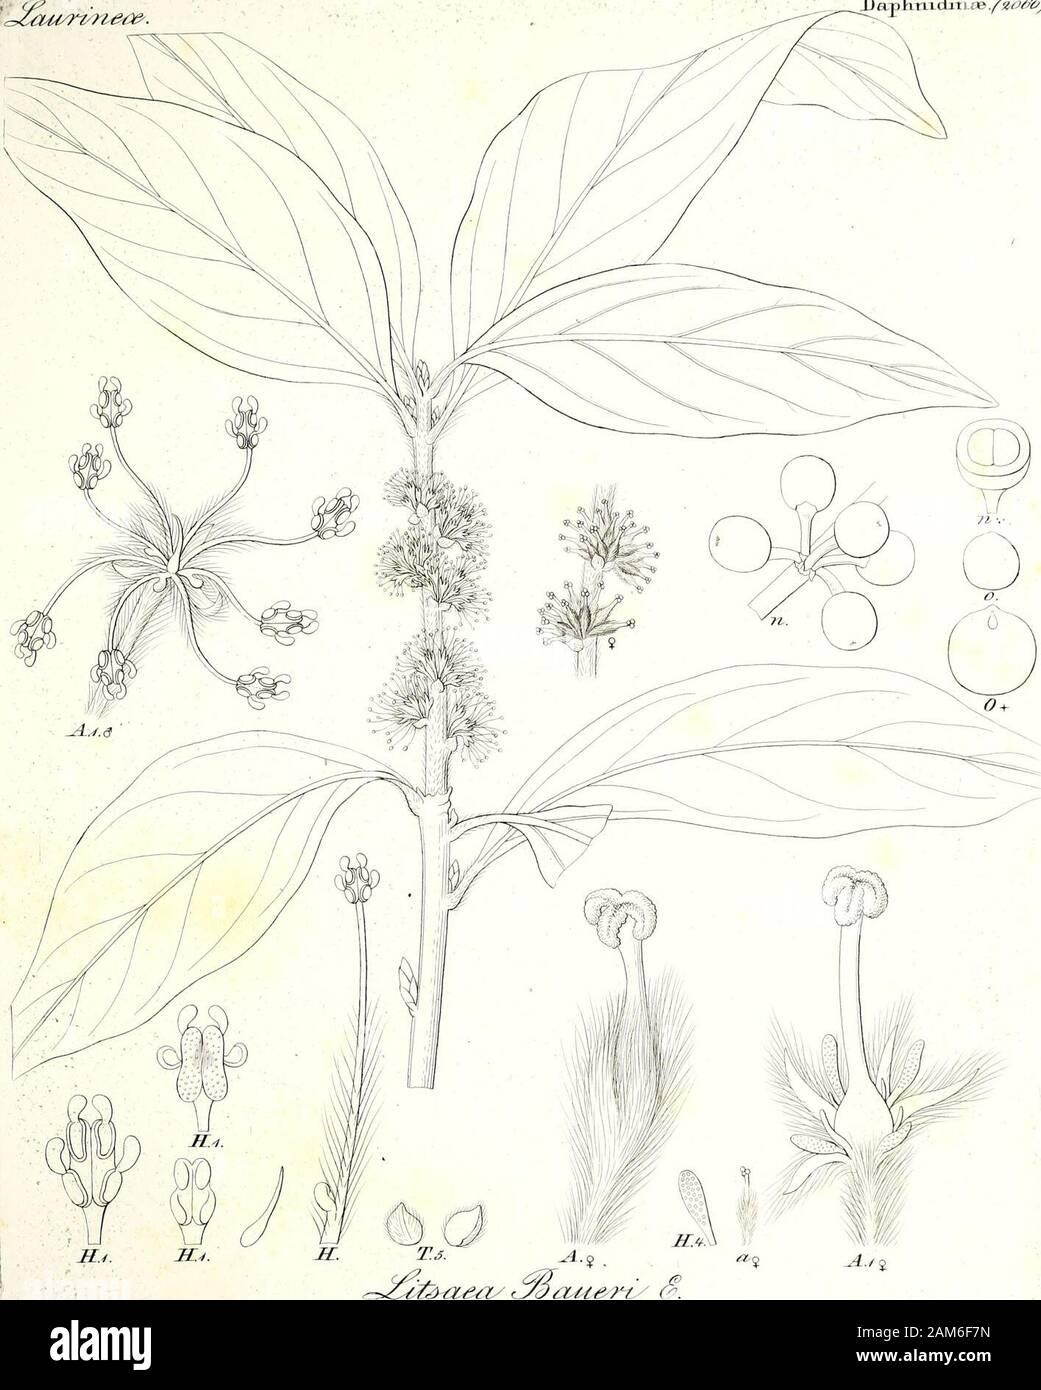 Iconographia generum plantarum . S&r&. JlWau&n/e/. <^yr&msrjiuJ MAenoftJ&ruj <3l.M< /W DapTi-niclaTLoa/^^bV .. f| JSer^/i^t^-t- *m /*v . <& ^ioyjj Stock Photo